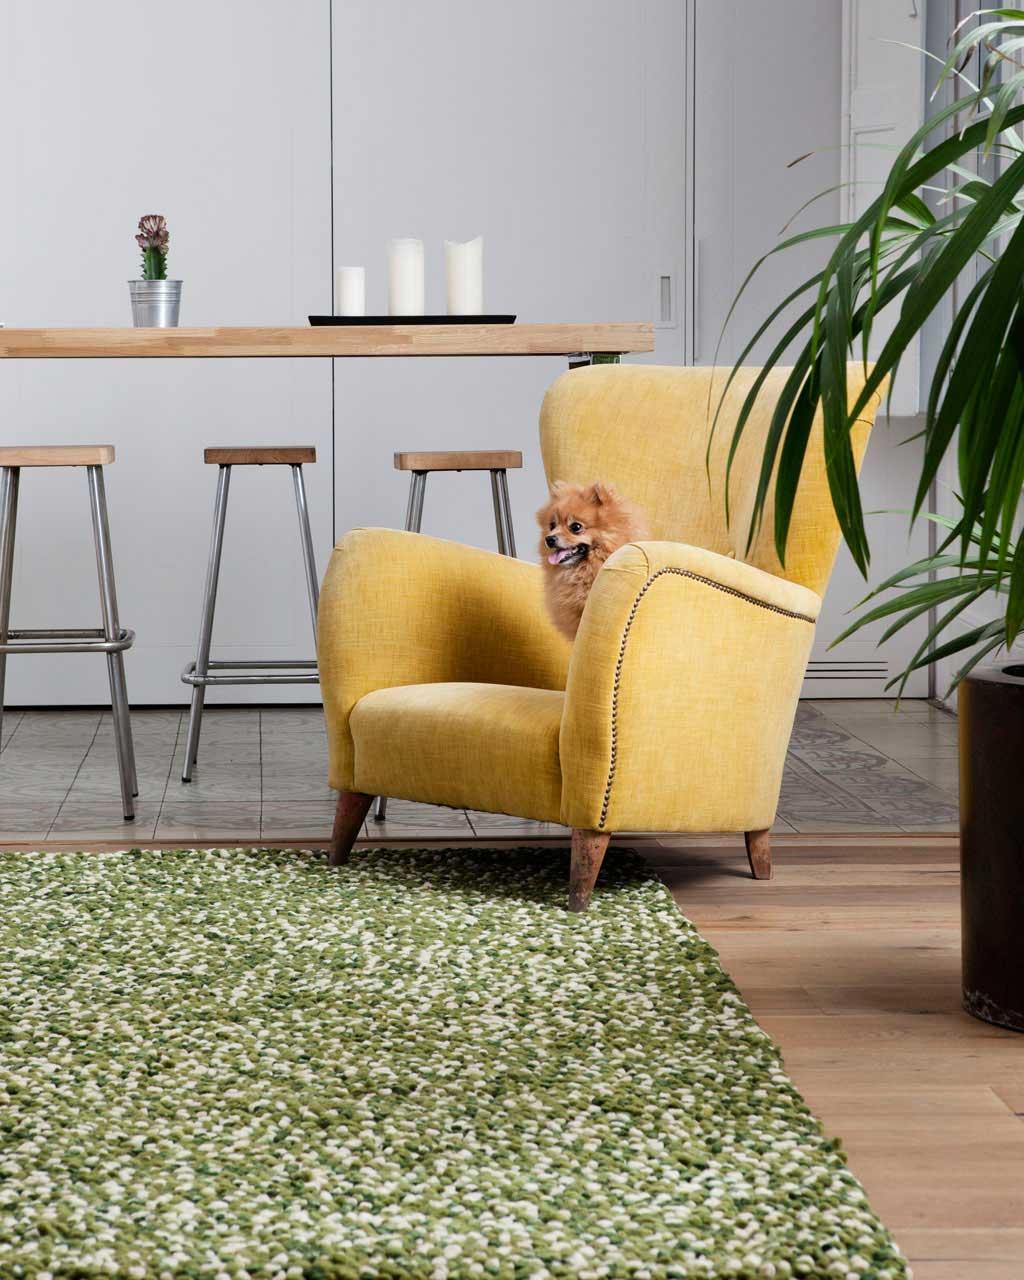 alfombras_interiors_web_075 (1)